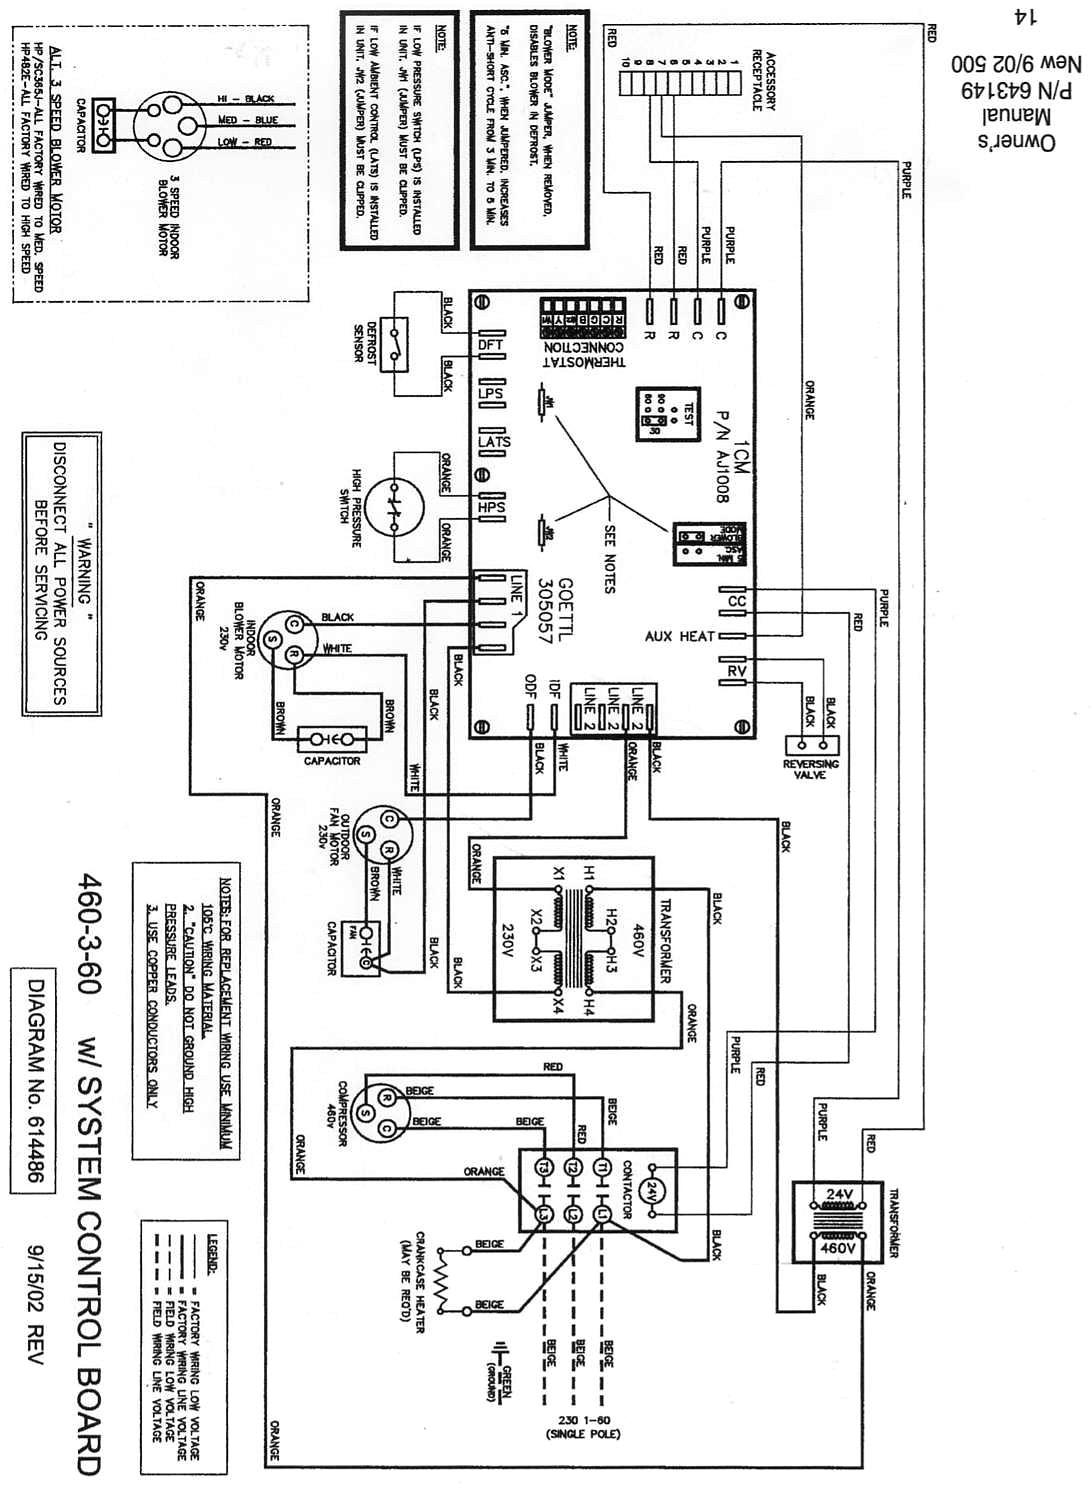 Goodman Ac Wiring Diagram